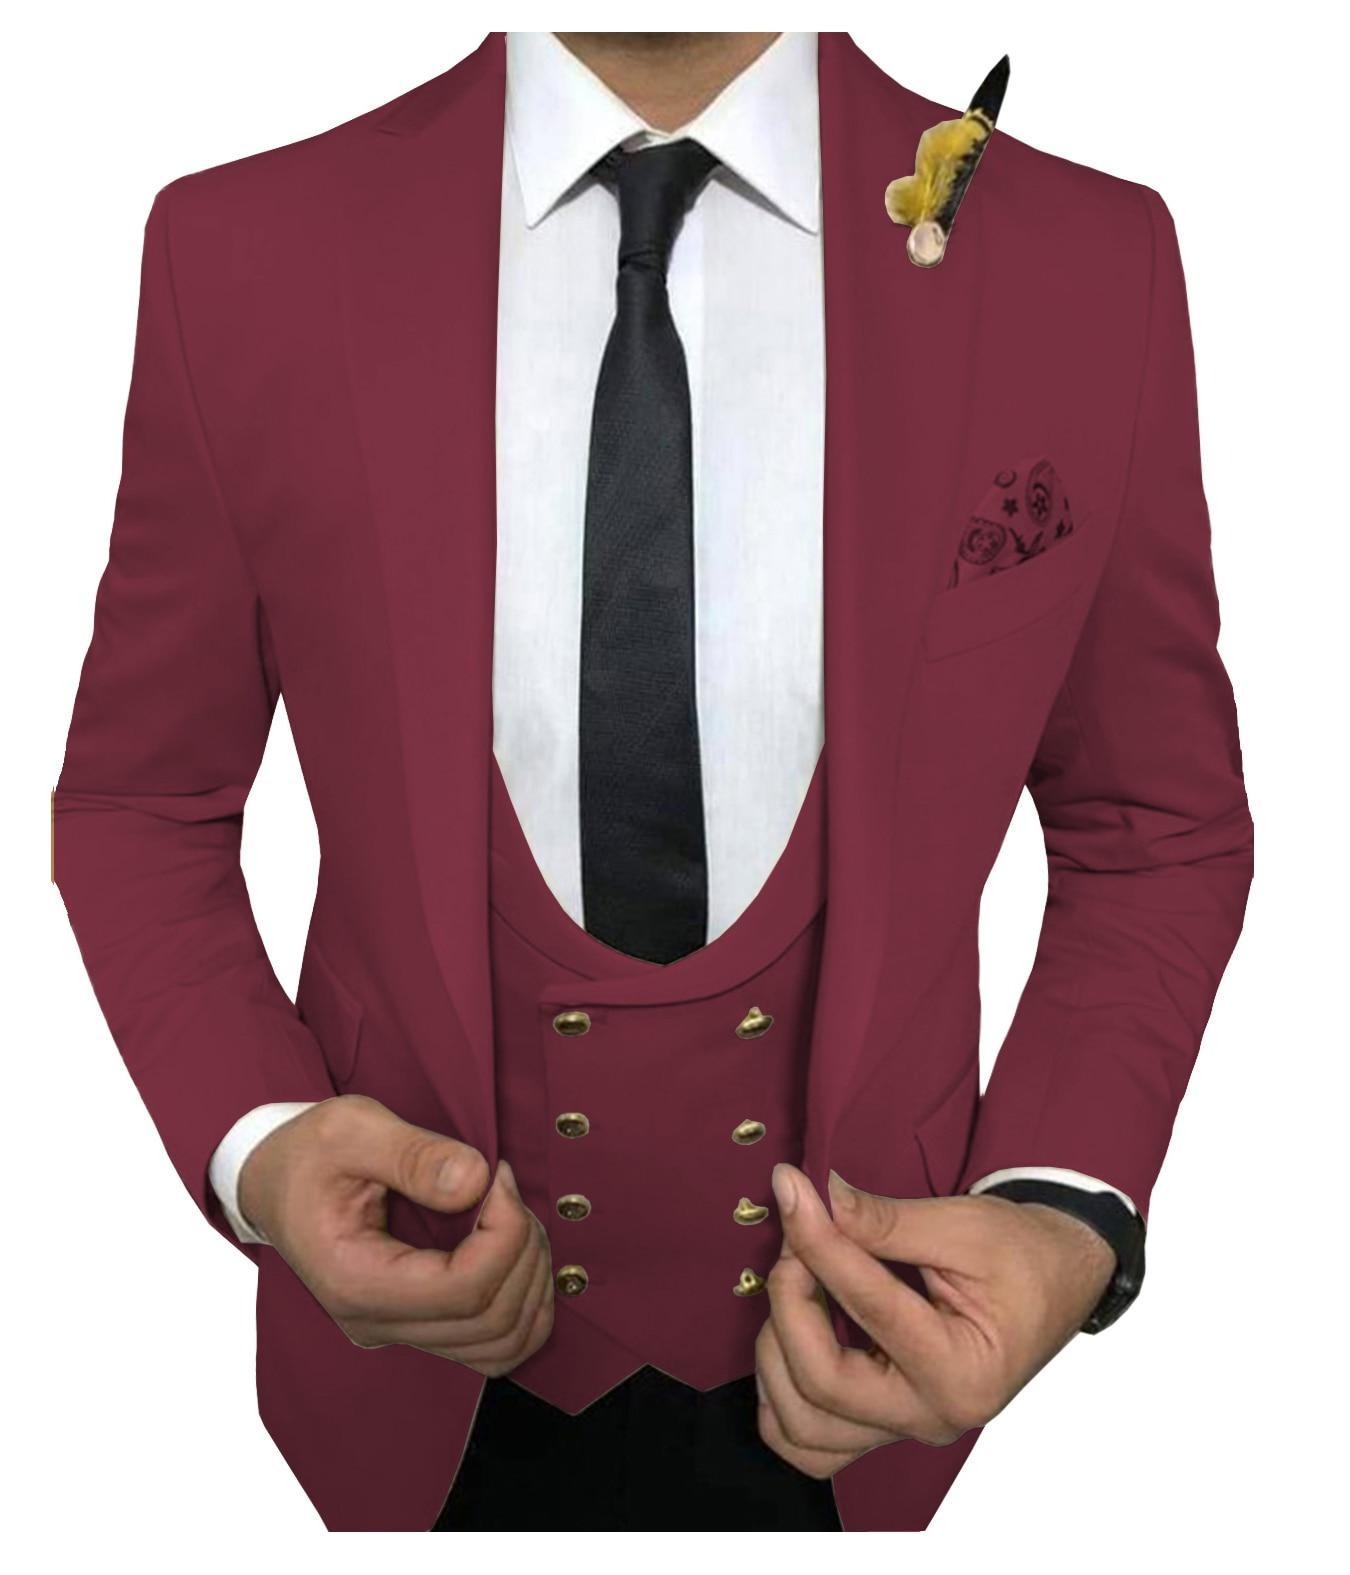 بدلة رسمية رجالية من 3 قطع, ضيقة و راقية ، مناسبة للعريس و لحضور حفلات الزفاف ، باللون الأخضر و الرمادي ، تتكون من سترة و صدرية و سروال